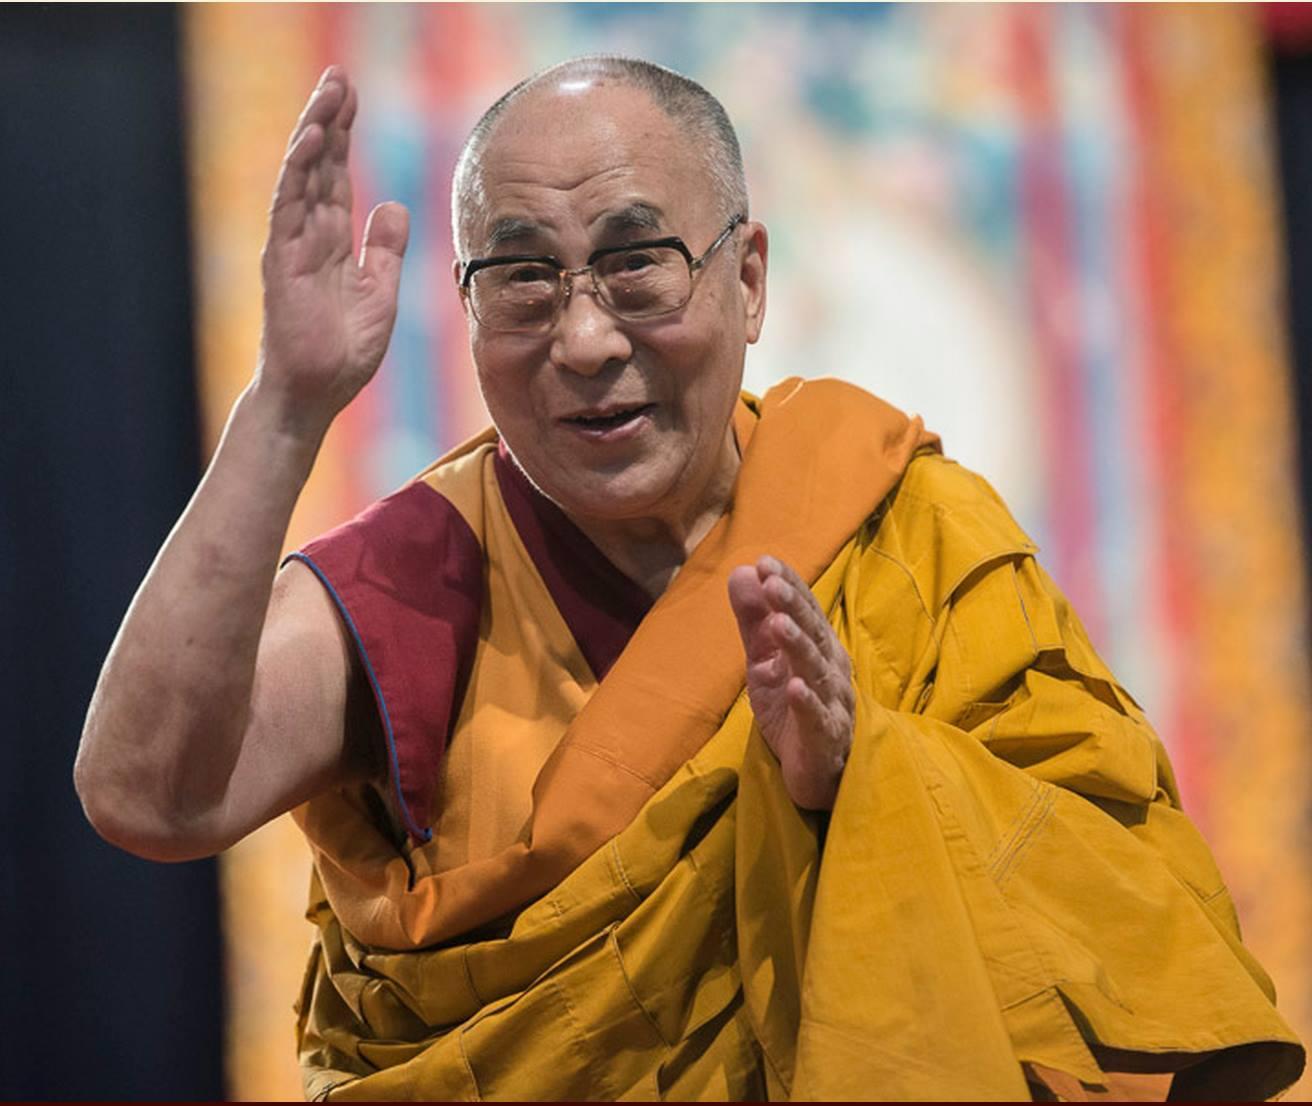 Dalai-Lama-27